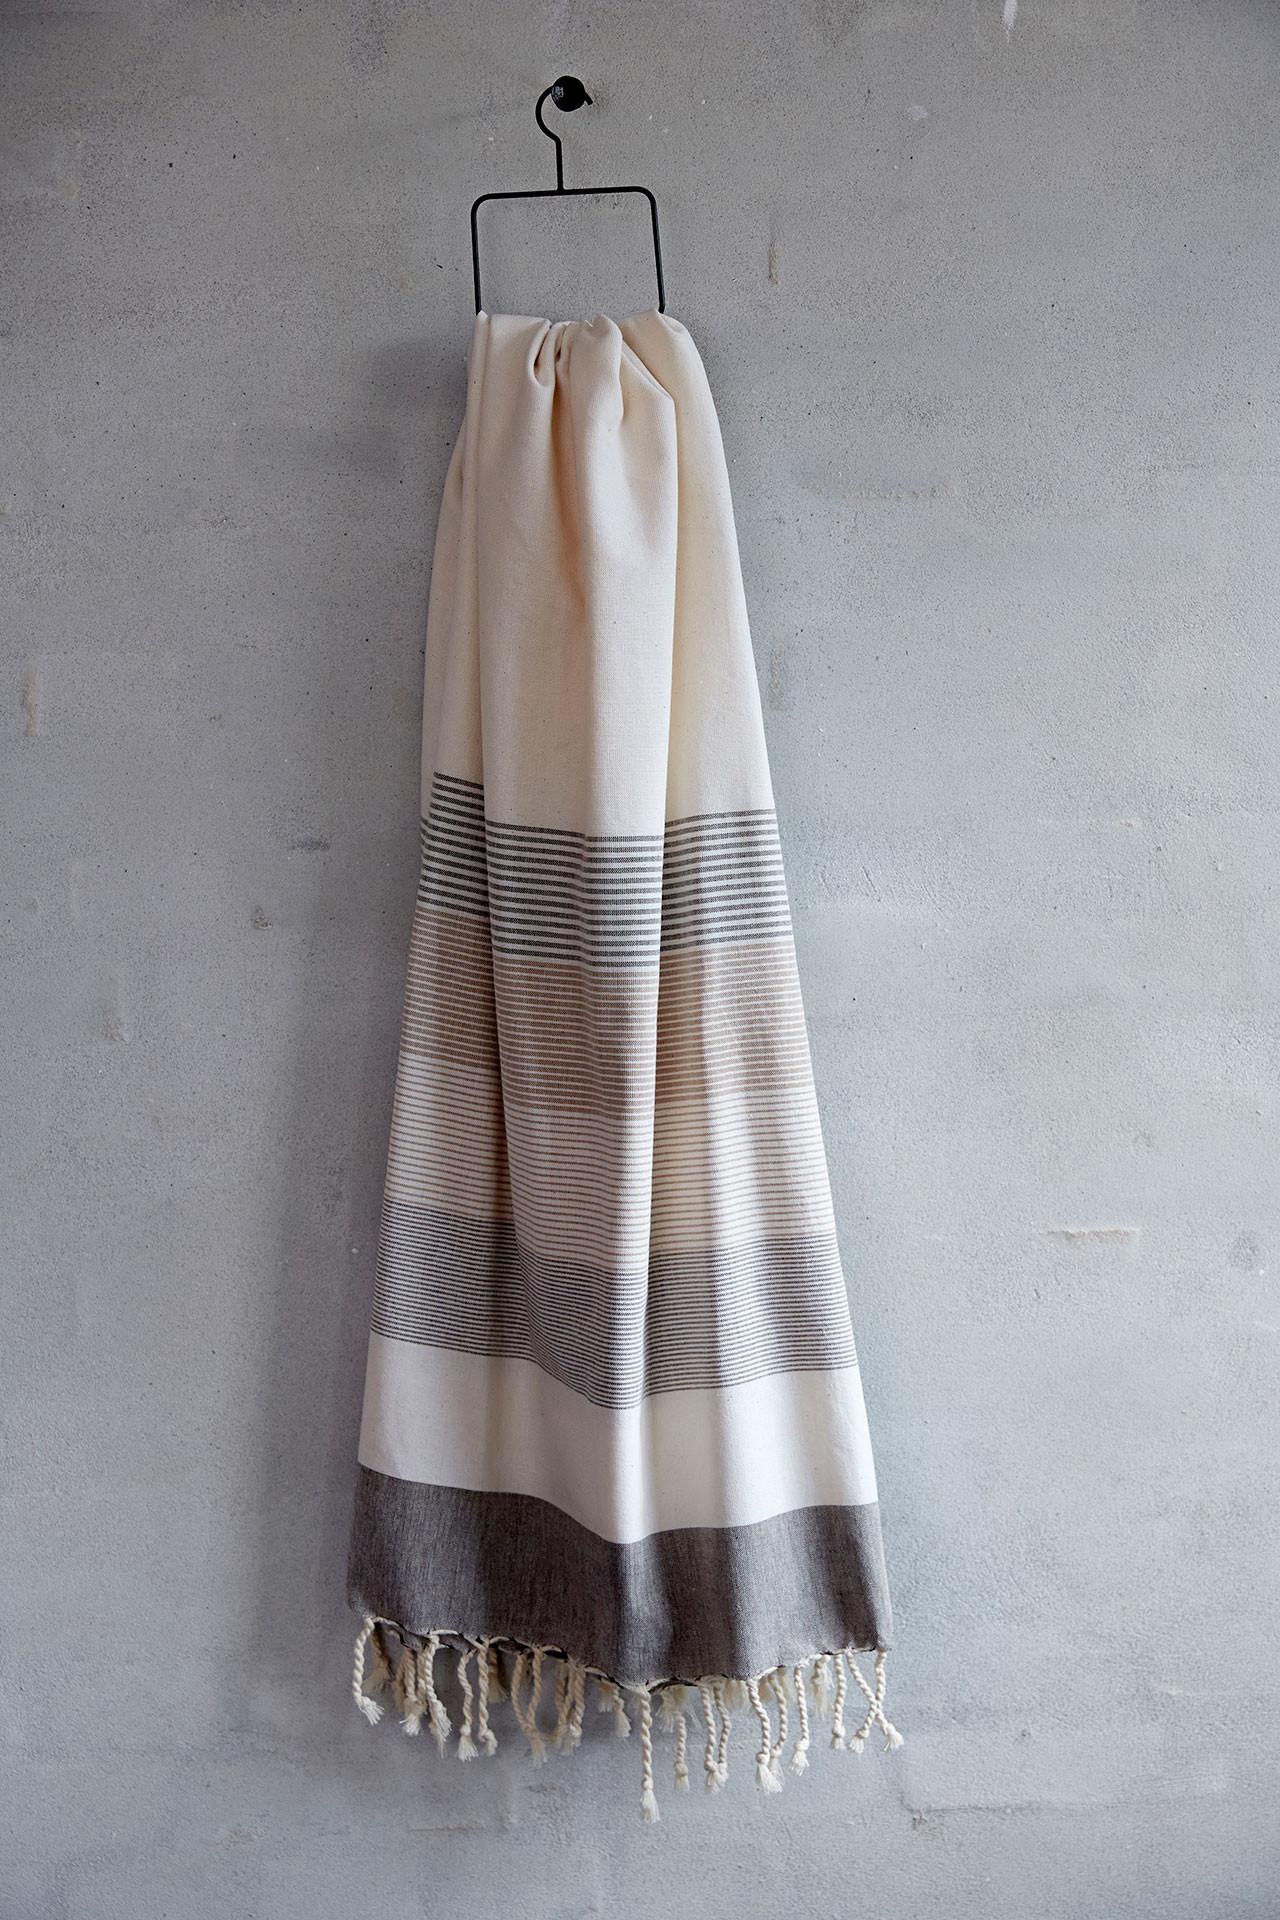 design håndklæder